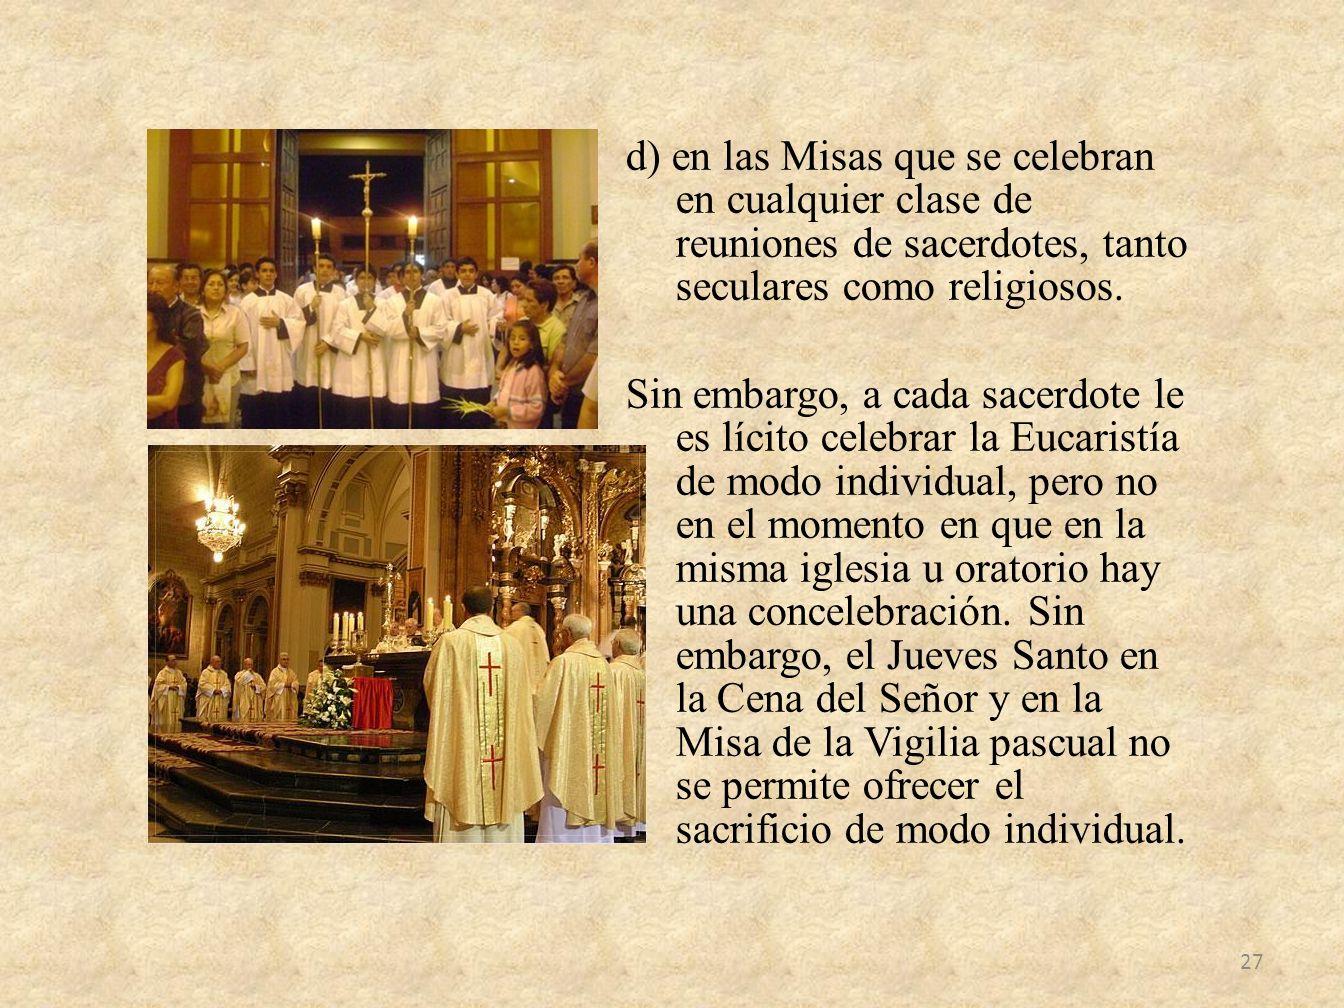 d) en las Misas que se celebran en cualquier clase de reuniones de sacerdotes, tanto seculares como religiosos.